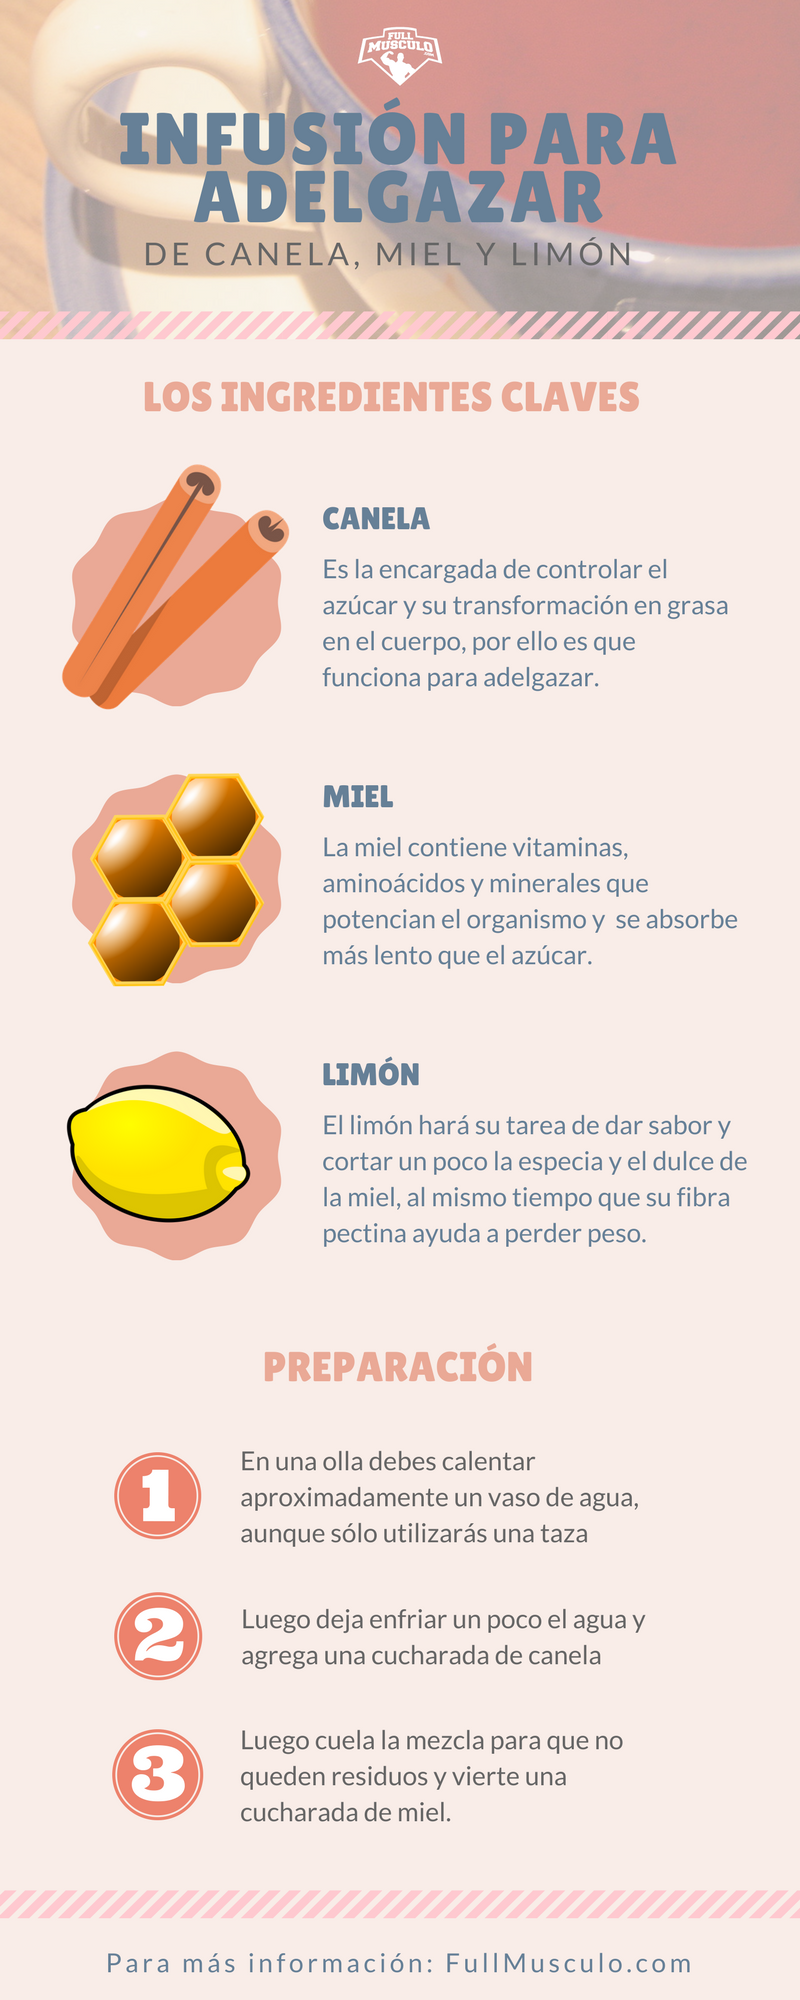 Preparacion de canela y miel para bajar de peso